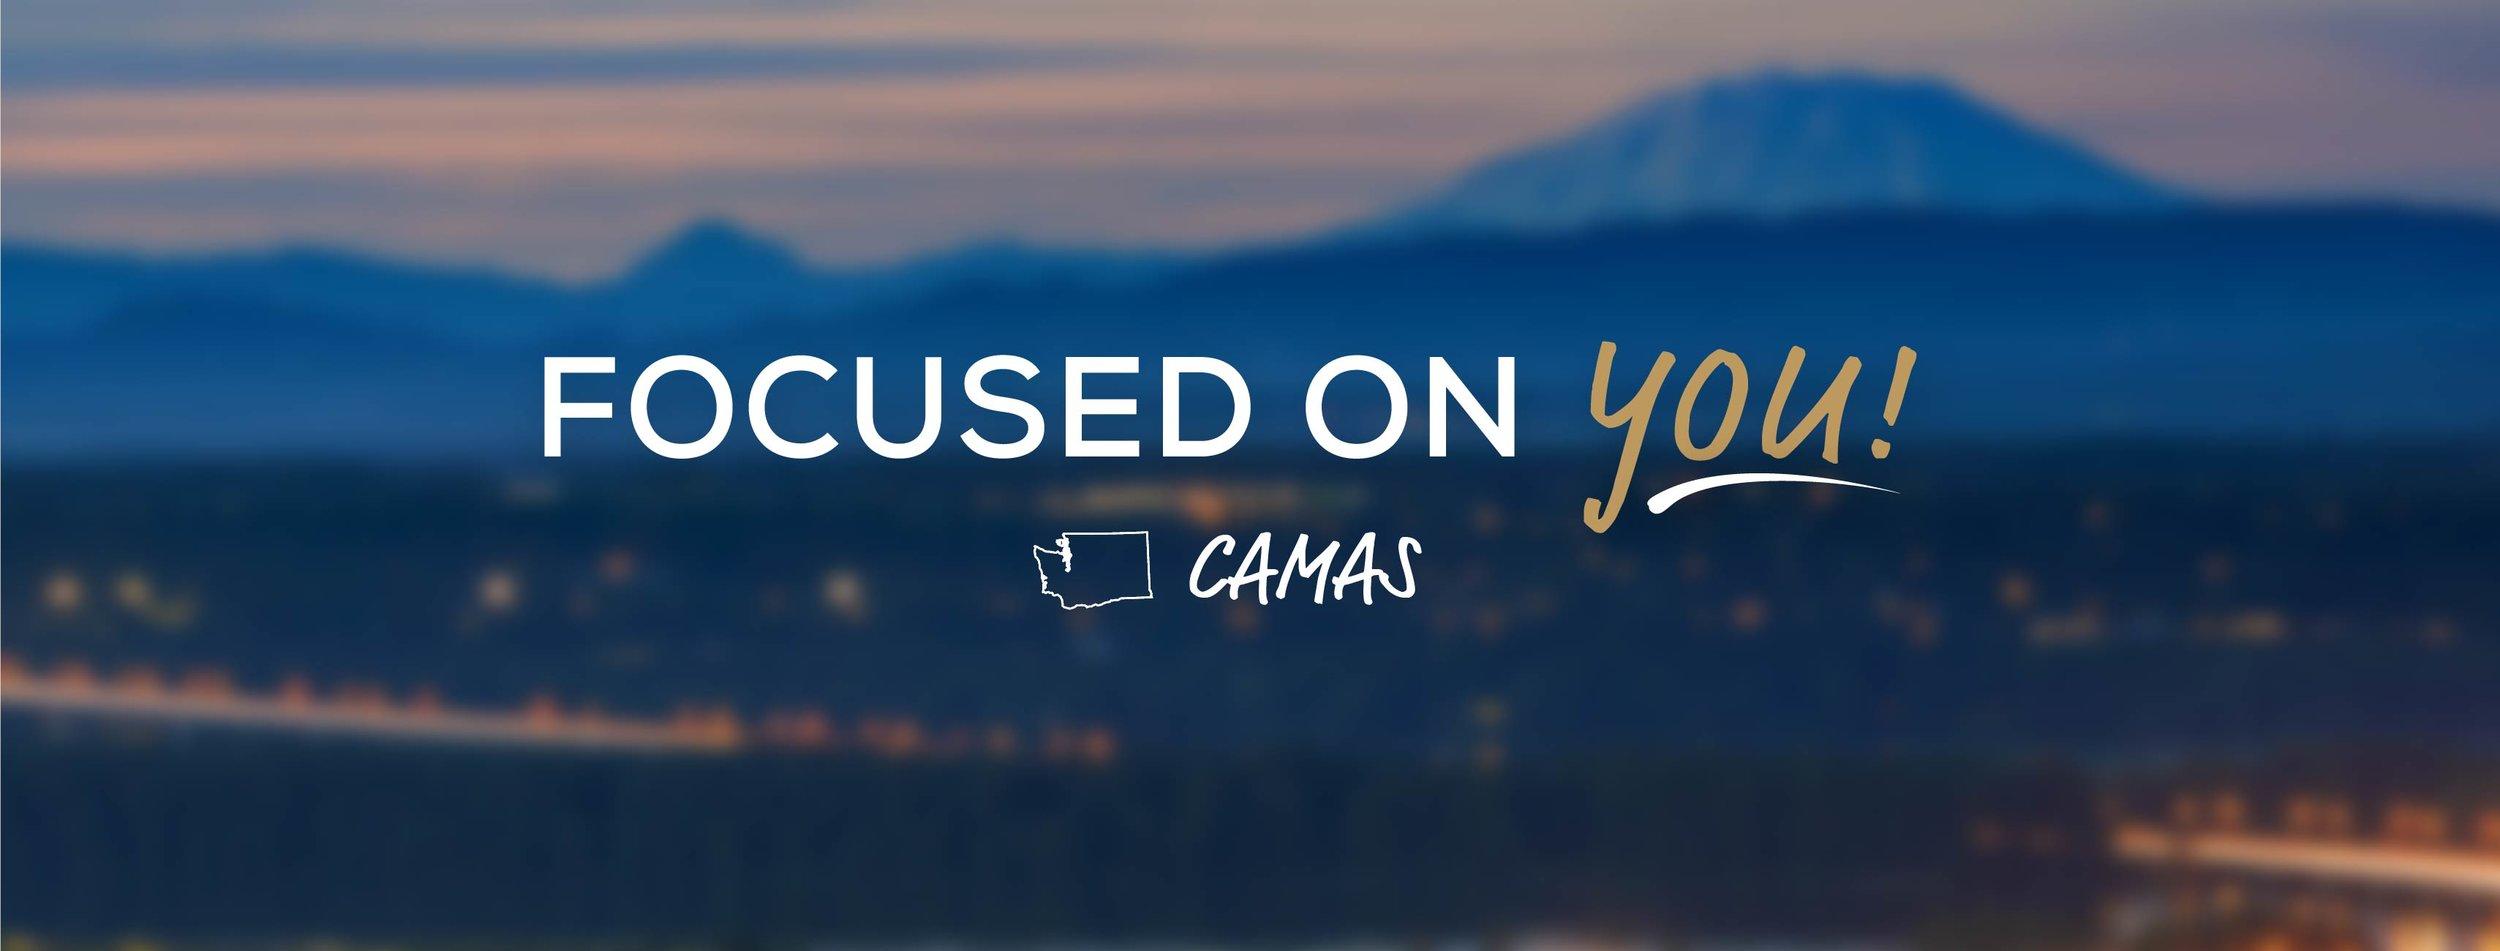 Camas - 360.836.5279camas@directorsmortgage.net2005 SE 192nd Ave, Suite 200 Camas, WA 98607